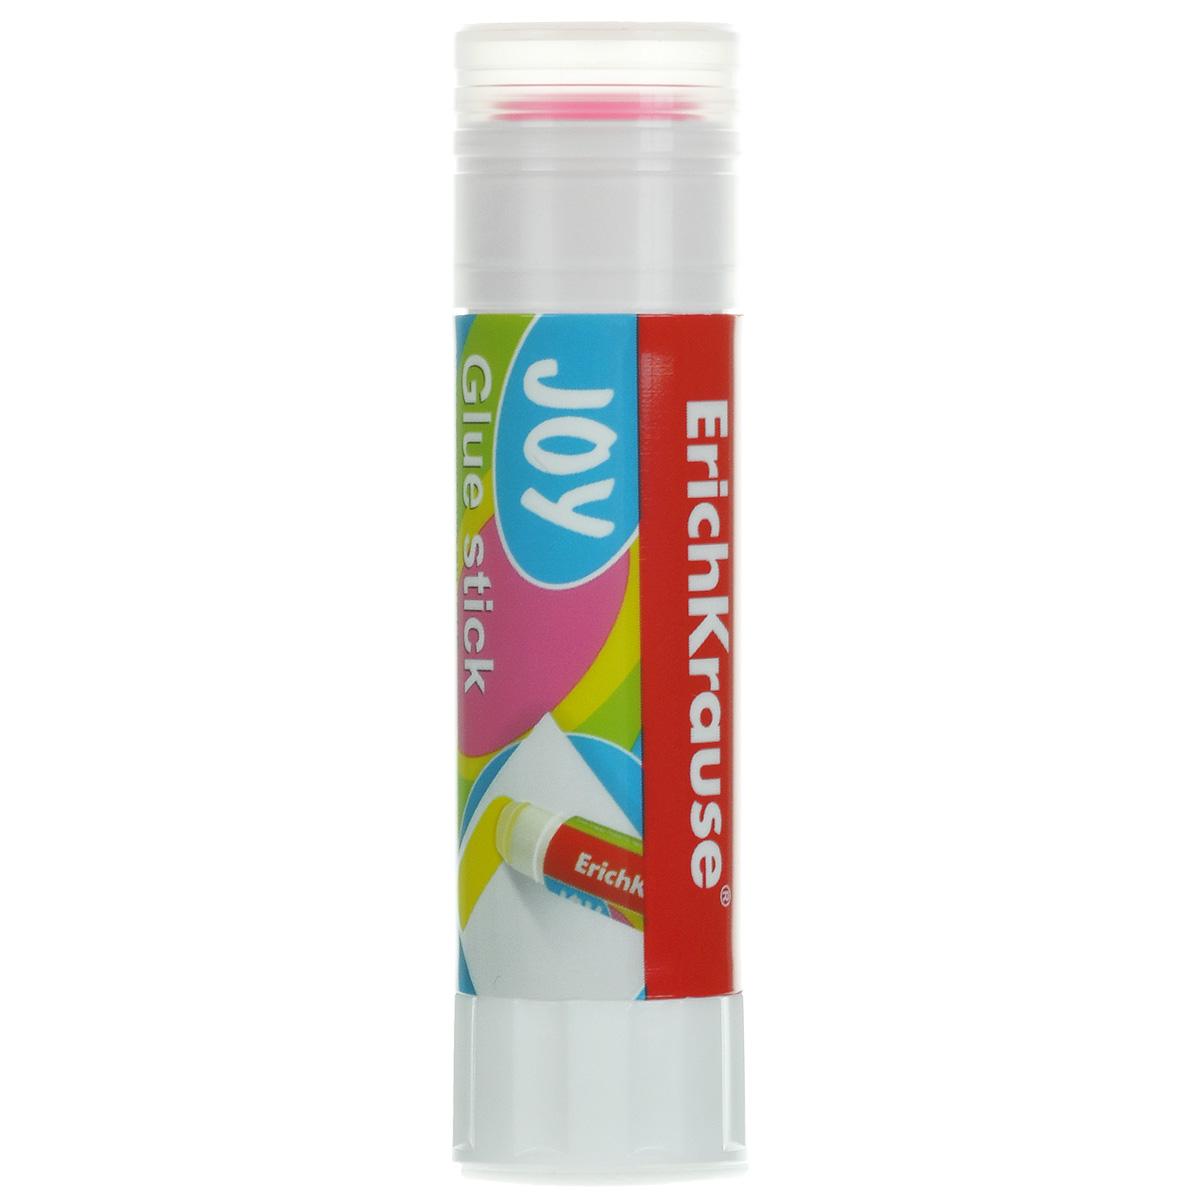 Клей-карандаш Erich Krause Joy, цвет: розовый, 15 гFS-54100Цветной клей-карандаш Erich Krause Joy идеально подходит для склеивания бумаги, картона и фотографий. Выкручивающийся механизм обеспечивает постепенное выдвижение клеевого стержня из пластикового корпуса. При нанесении оставляет цветной след, обеспечивающий более аккуратное наклеивание.Клей-карандаш не деформирует бумагу, быстро сохнет и не оставляет следов после высыхания. Не токсичен.Рекомендовано детям старше трех лет.